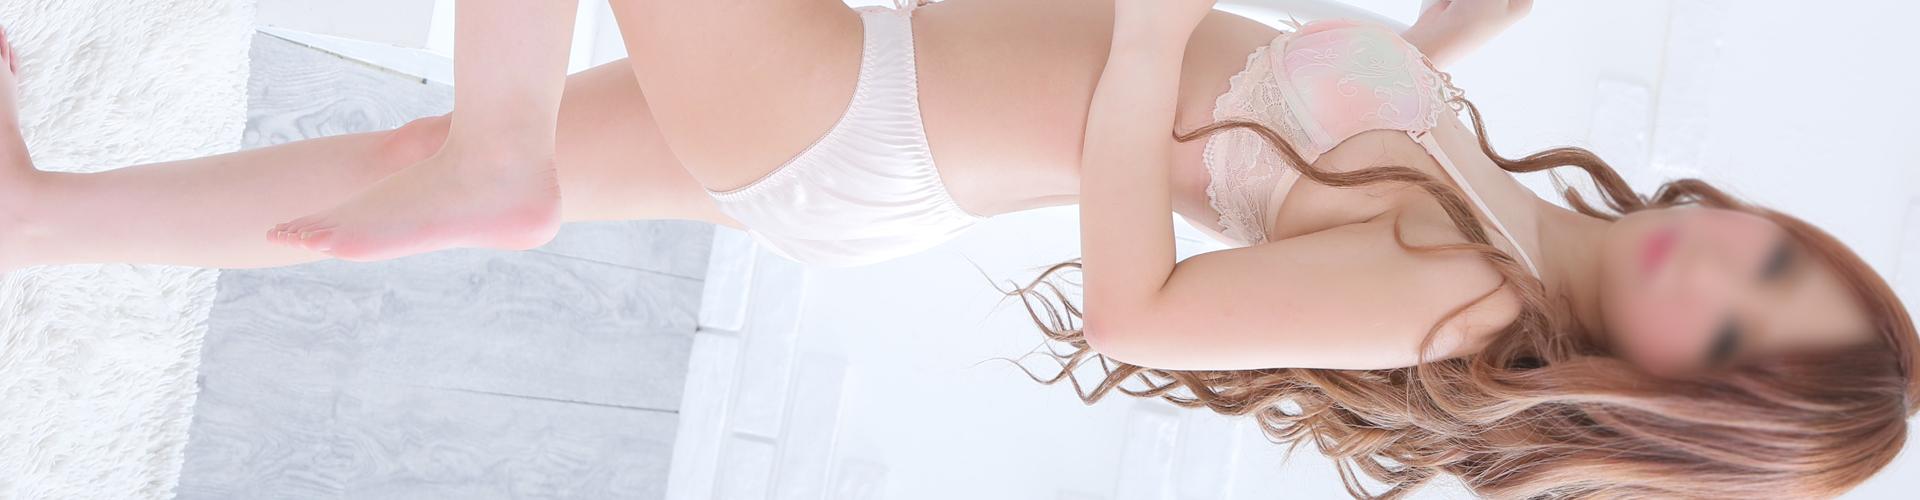 船橋デリヘル風俗|船橋 西船橋 デリバリーヘルス【キャンパスサミット船橋店】モデルほのか写真